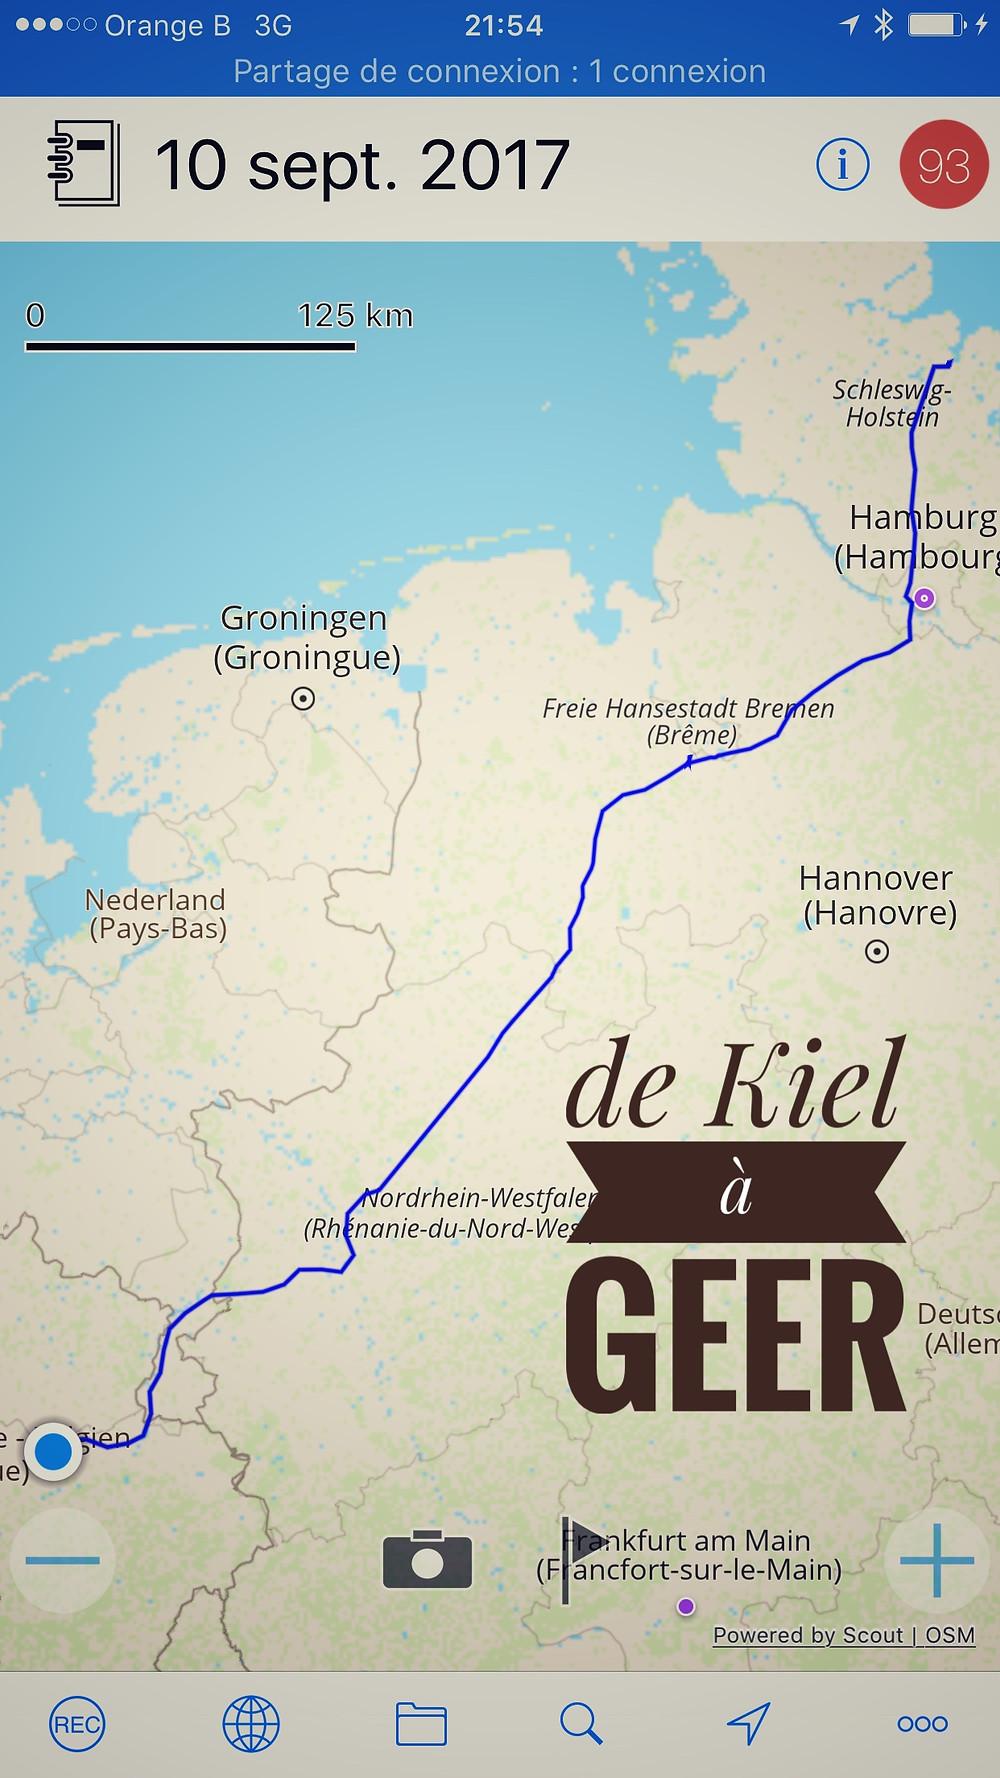 De Kiel à Geer